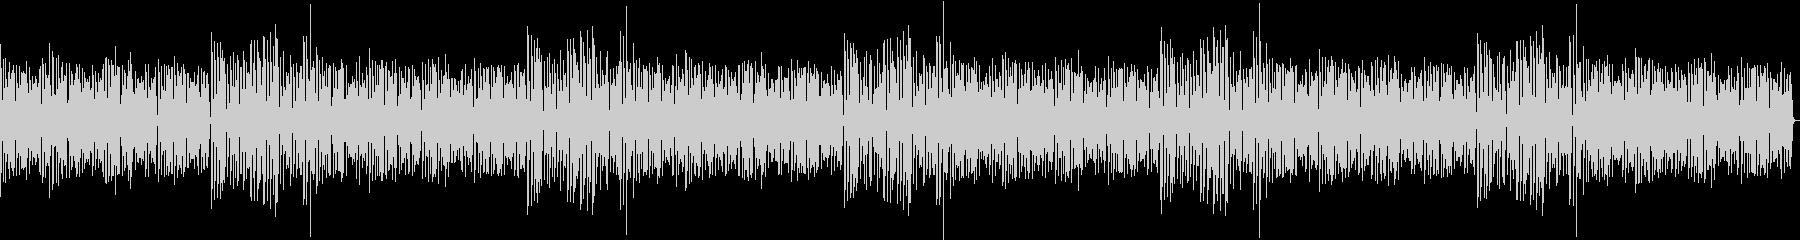 ローファイなベースメインの幻想的なBGMの未再生の波形